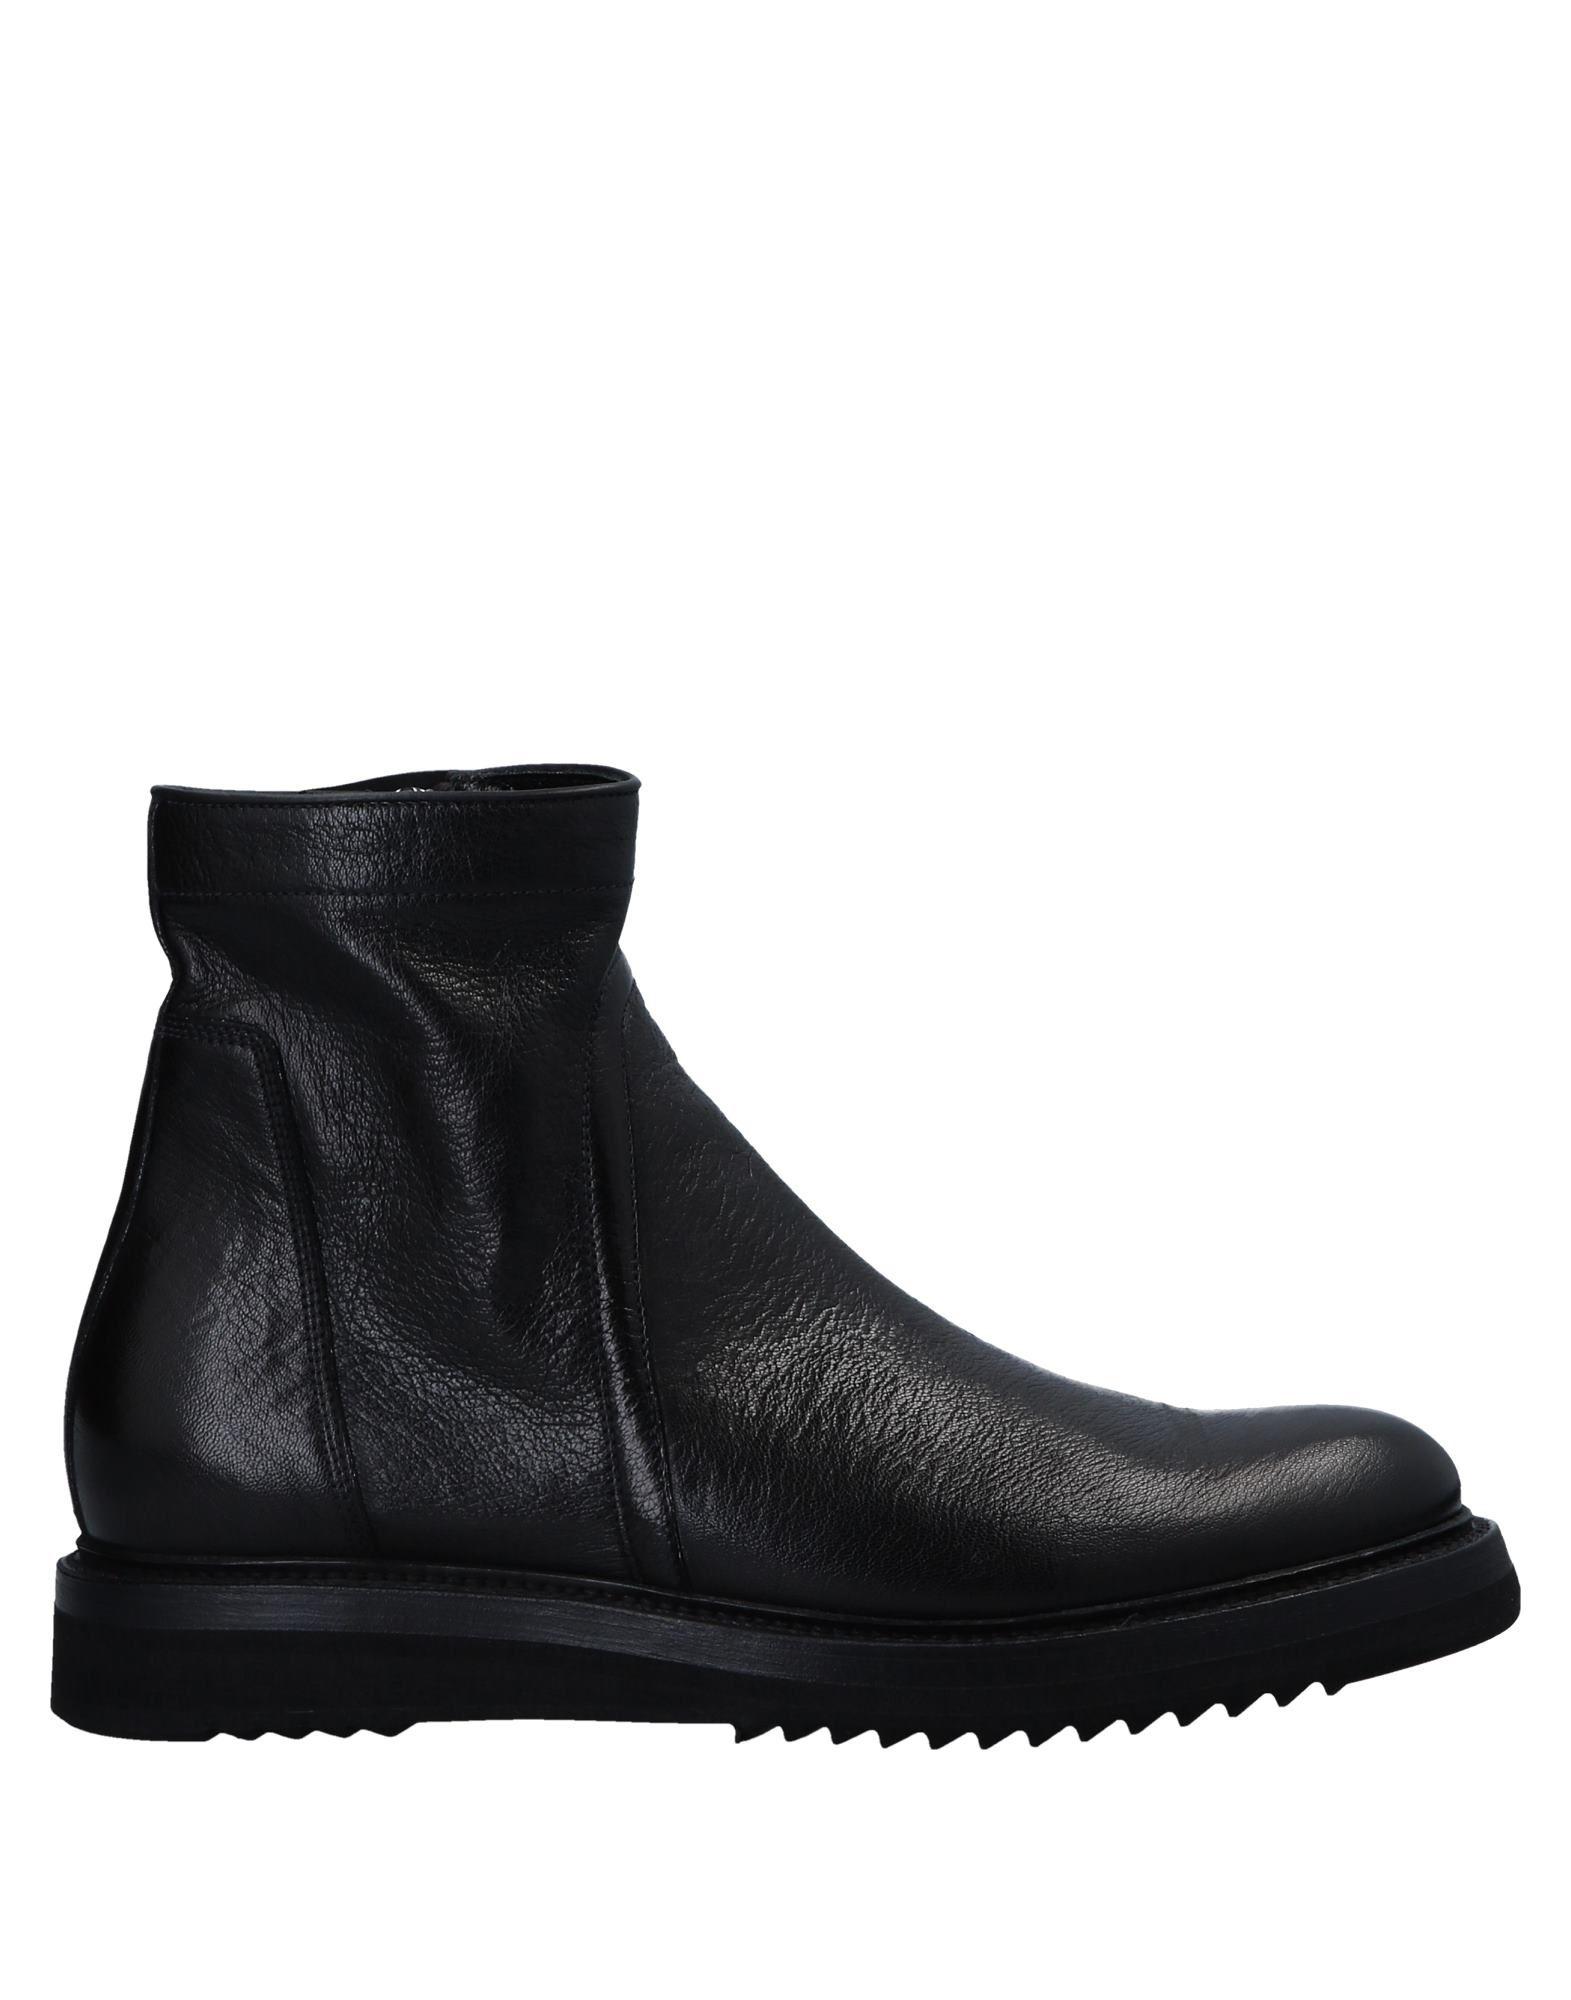 Rick Owens Owens Owens Boots - Men Rick Owens Boots online on  United Kingdom - 11551434LX c89219